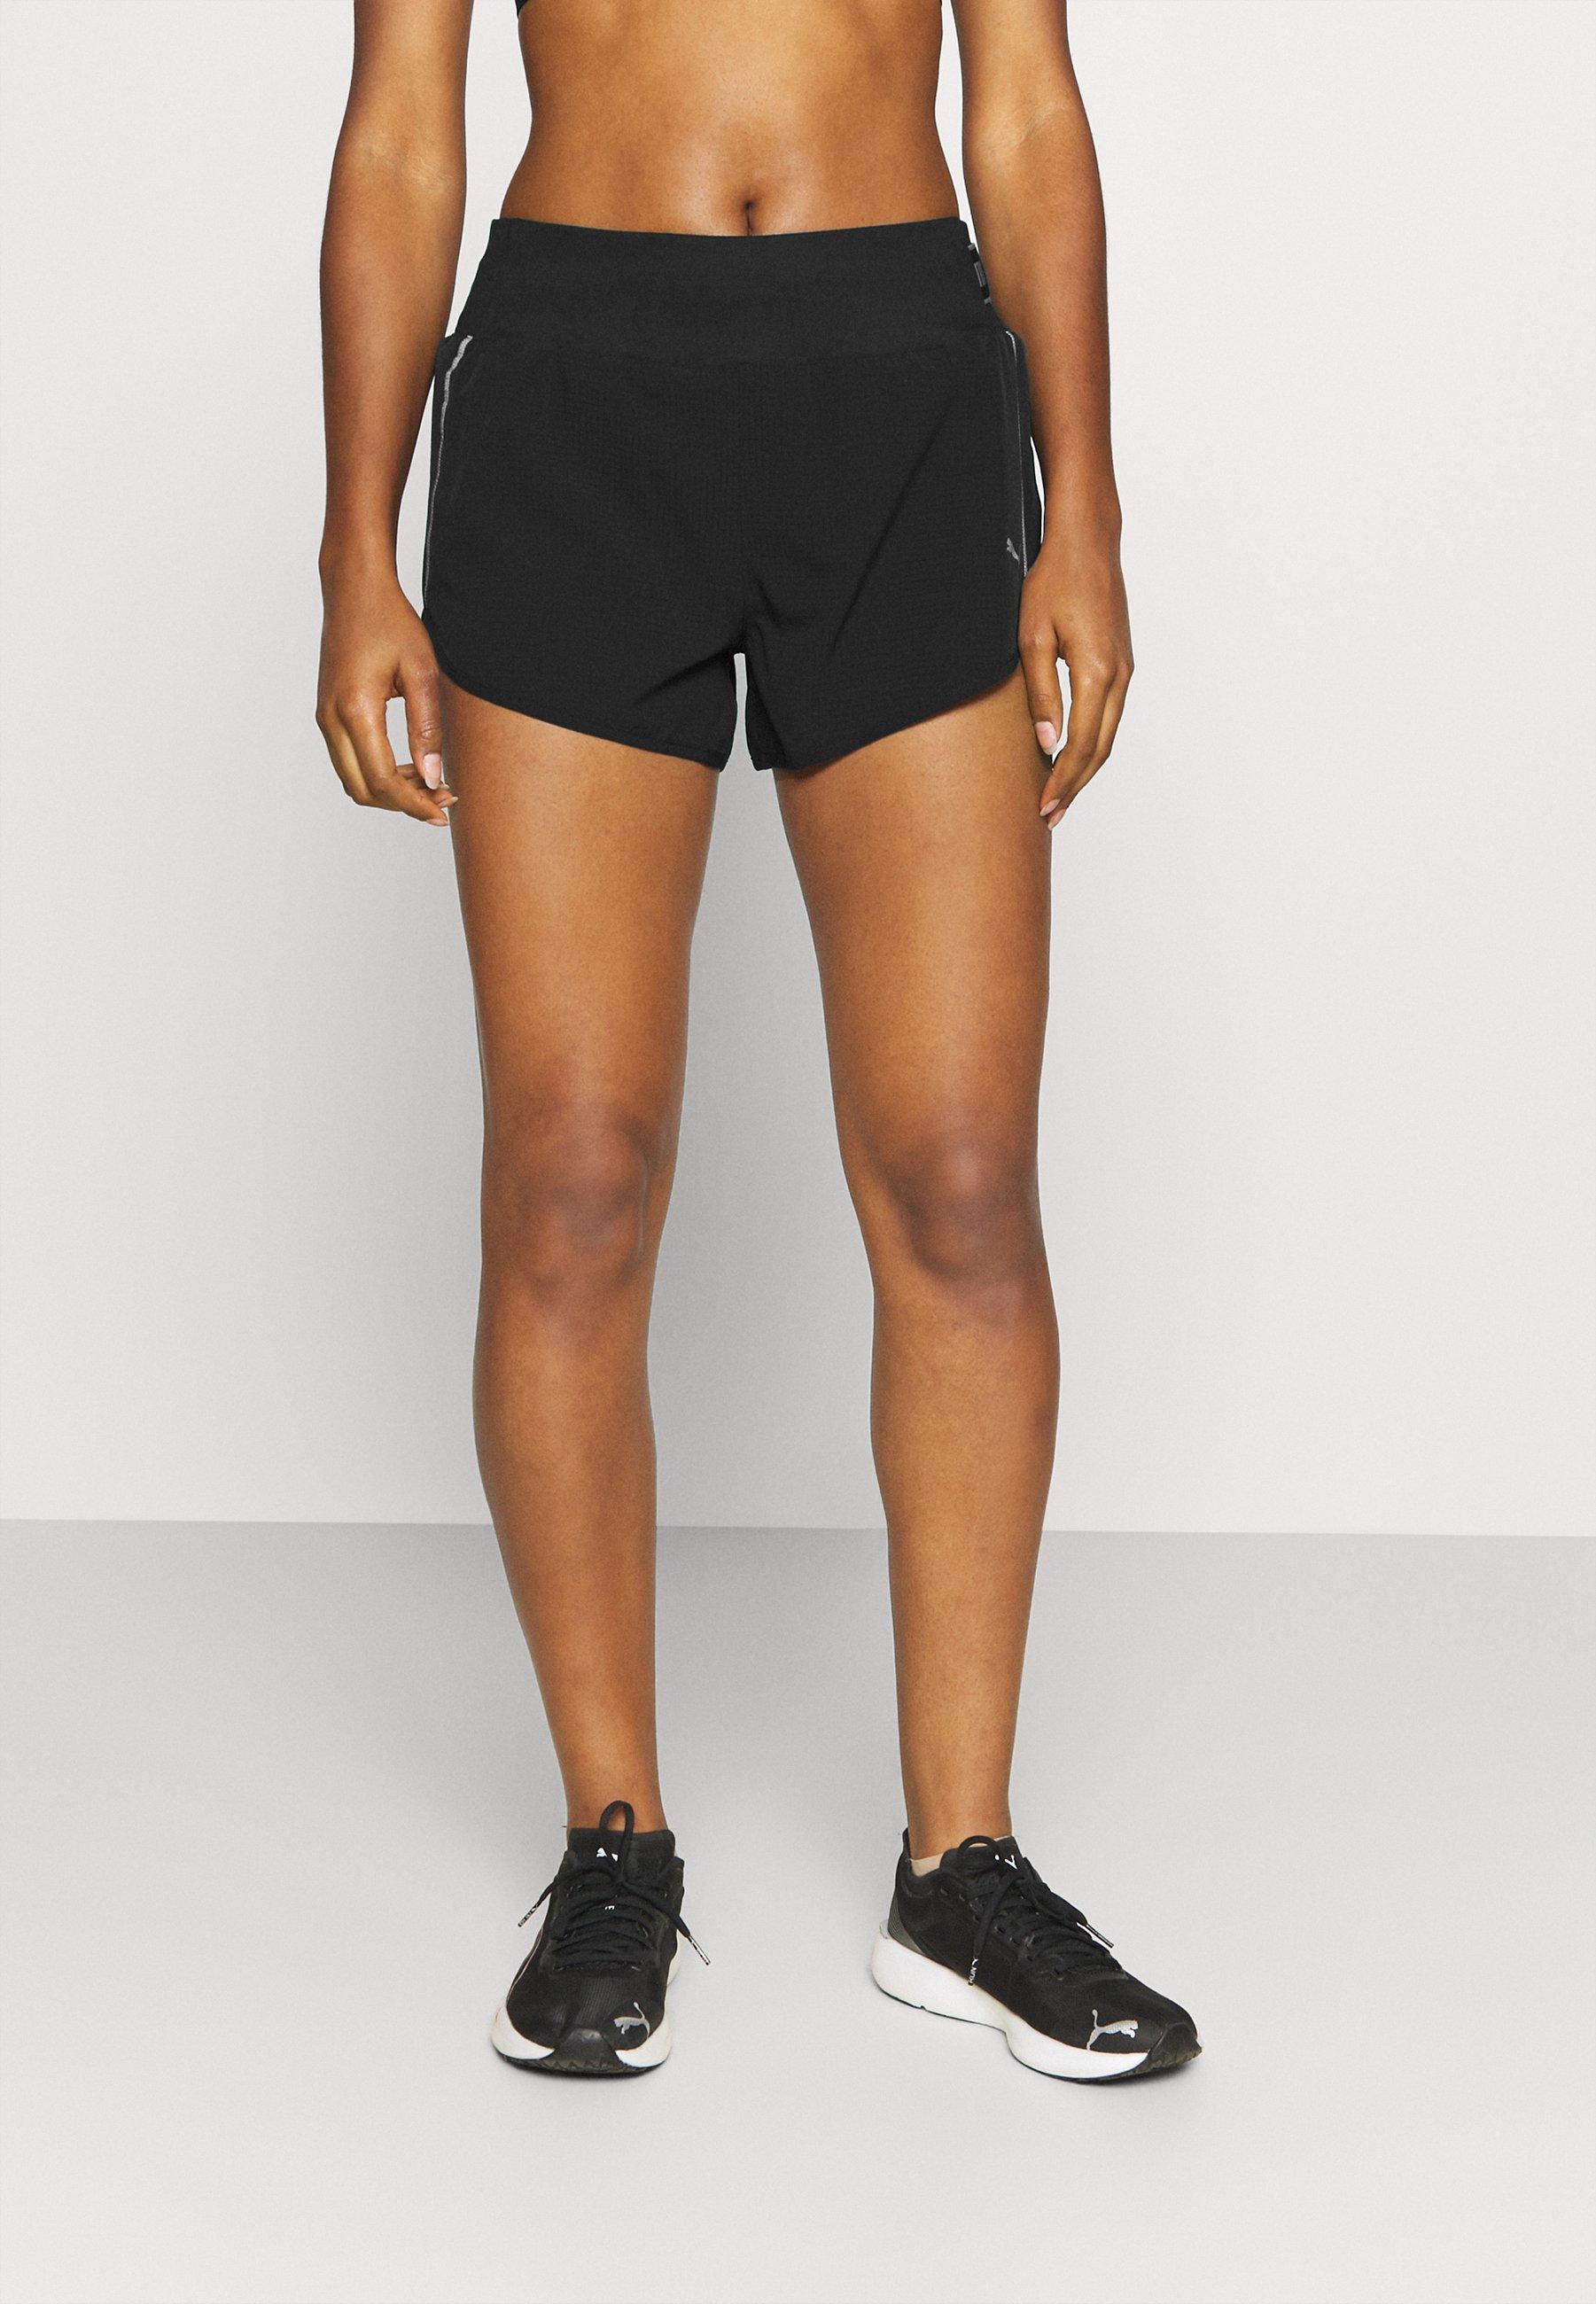 Damen RUN 3 SHORT - kurze Sporthose